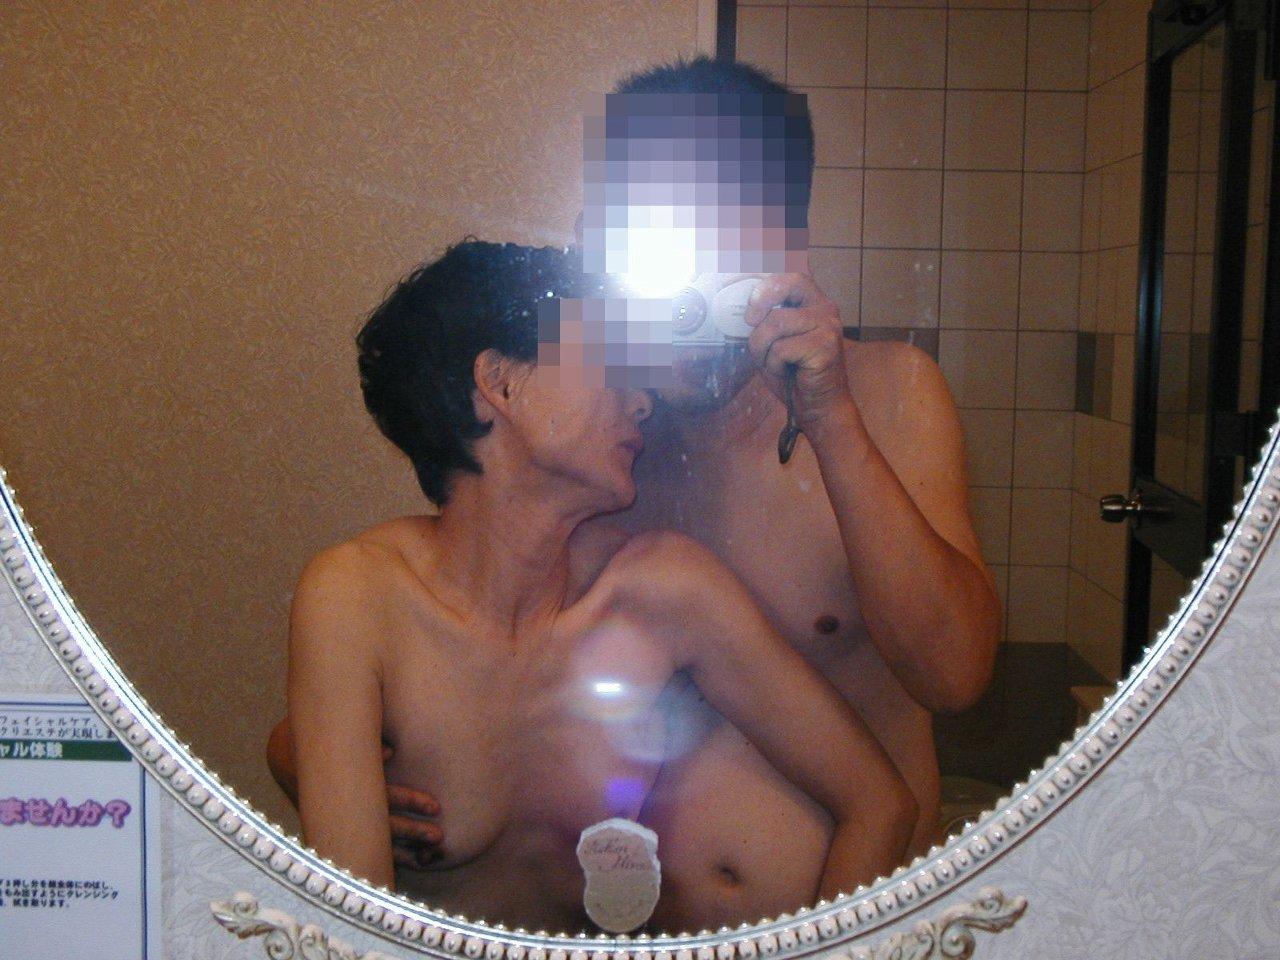 【素人ハメ撮り画像】鏡に映した痴態に大興奮…素人カップルがネット掲示板に投稿した完全プライベートなハメ撮り画像 その9